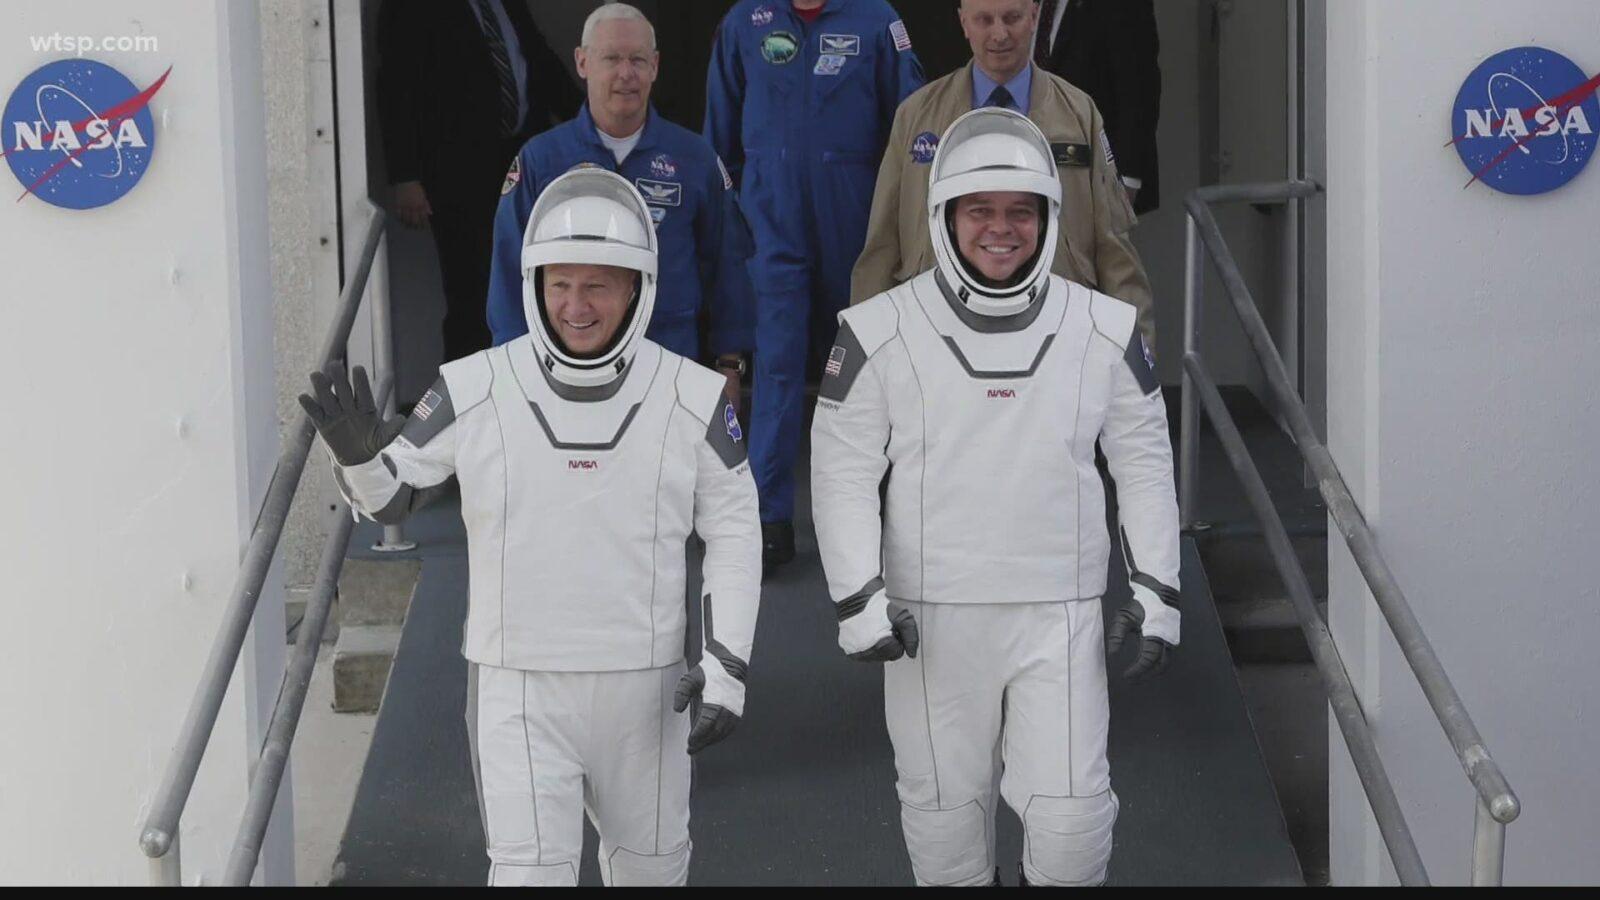 NASA canlı yayınlıyor! Crew Dragon'la ilk insanlı uçuş denemesi gerçekleşiyor